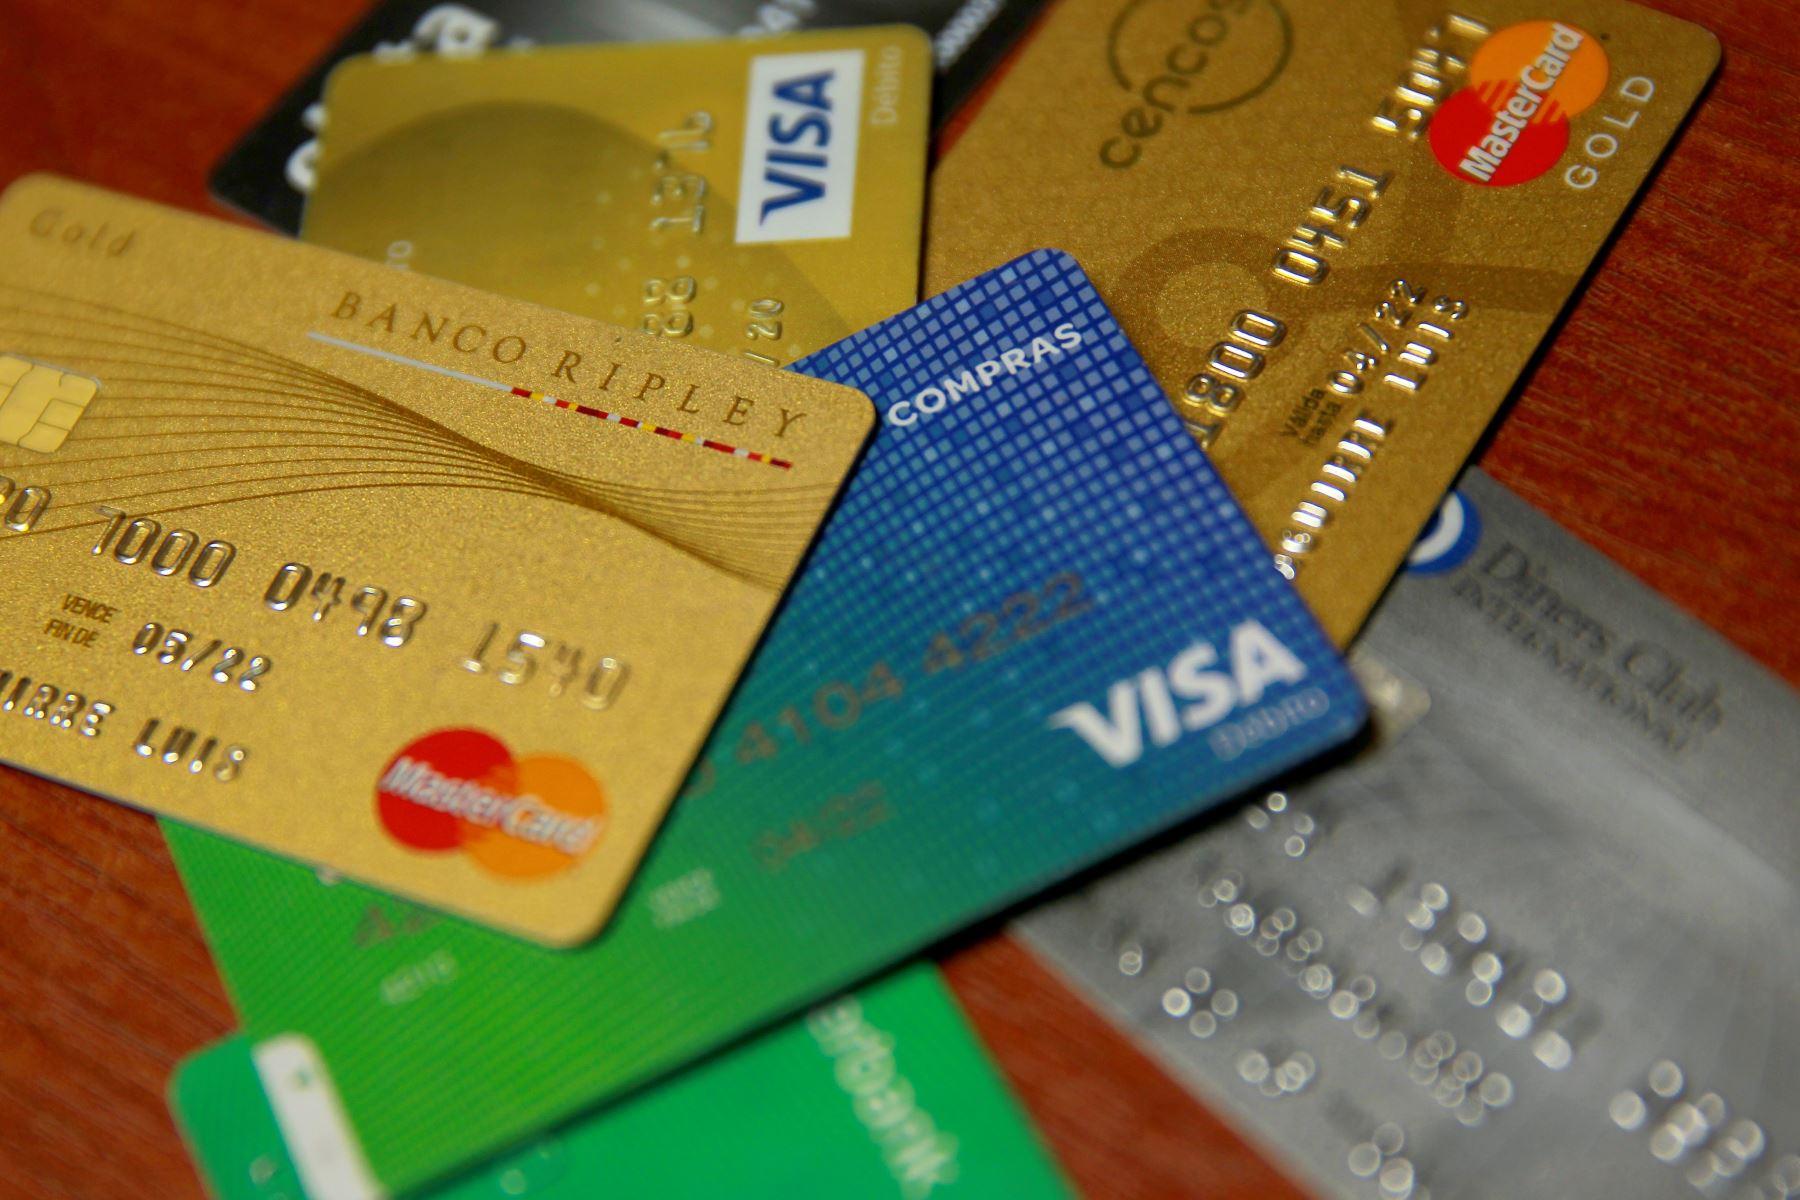 Tarjetas de crédito y débito. ANDINA/Luis Iparraguirre